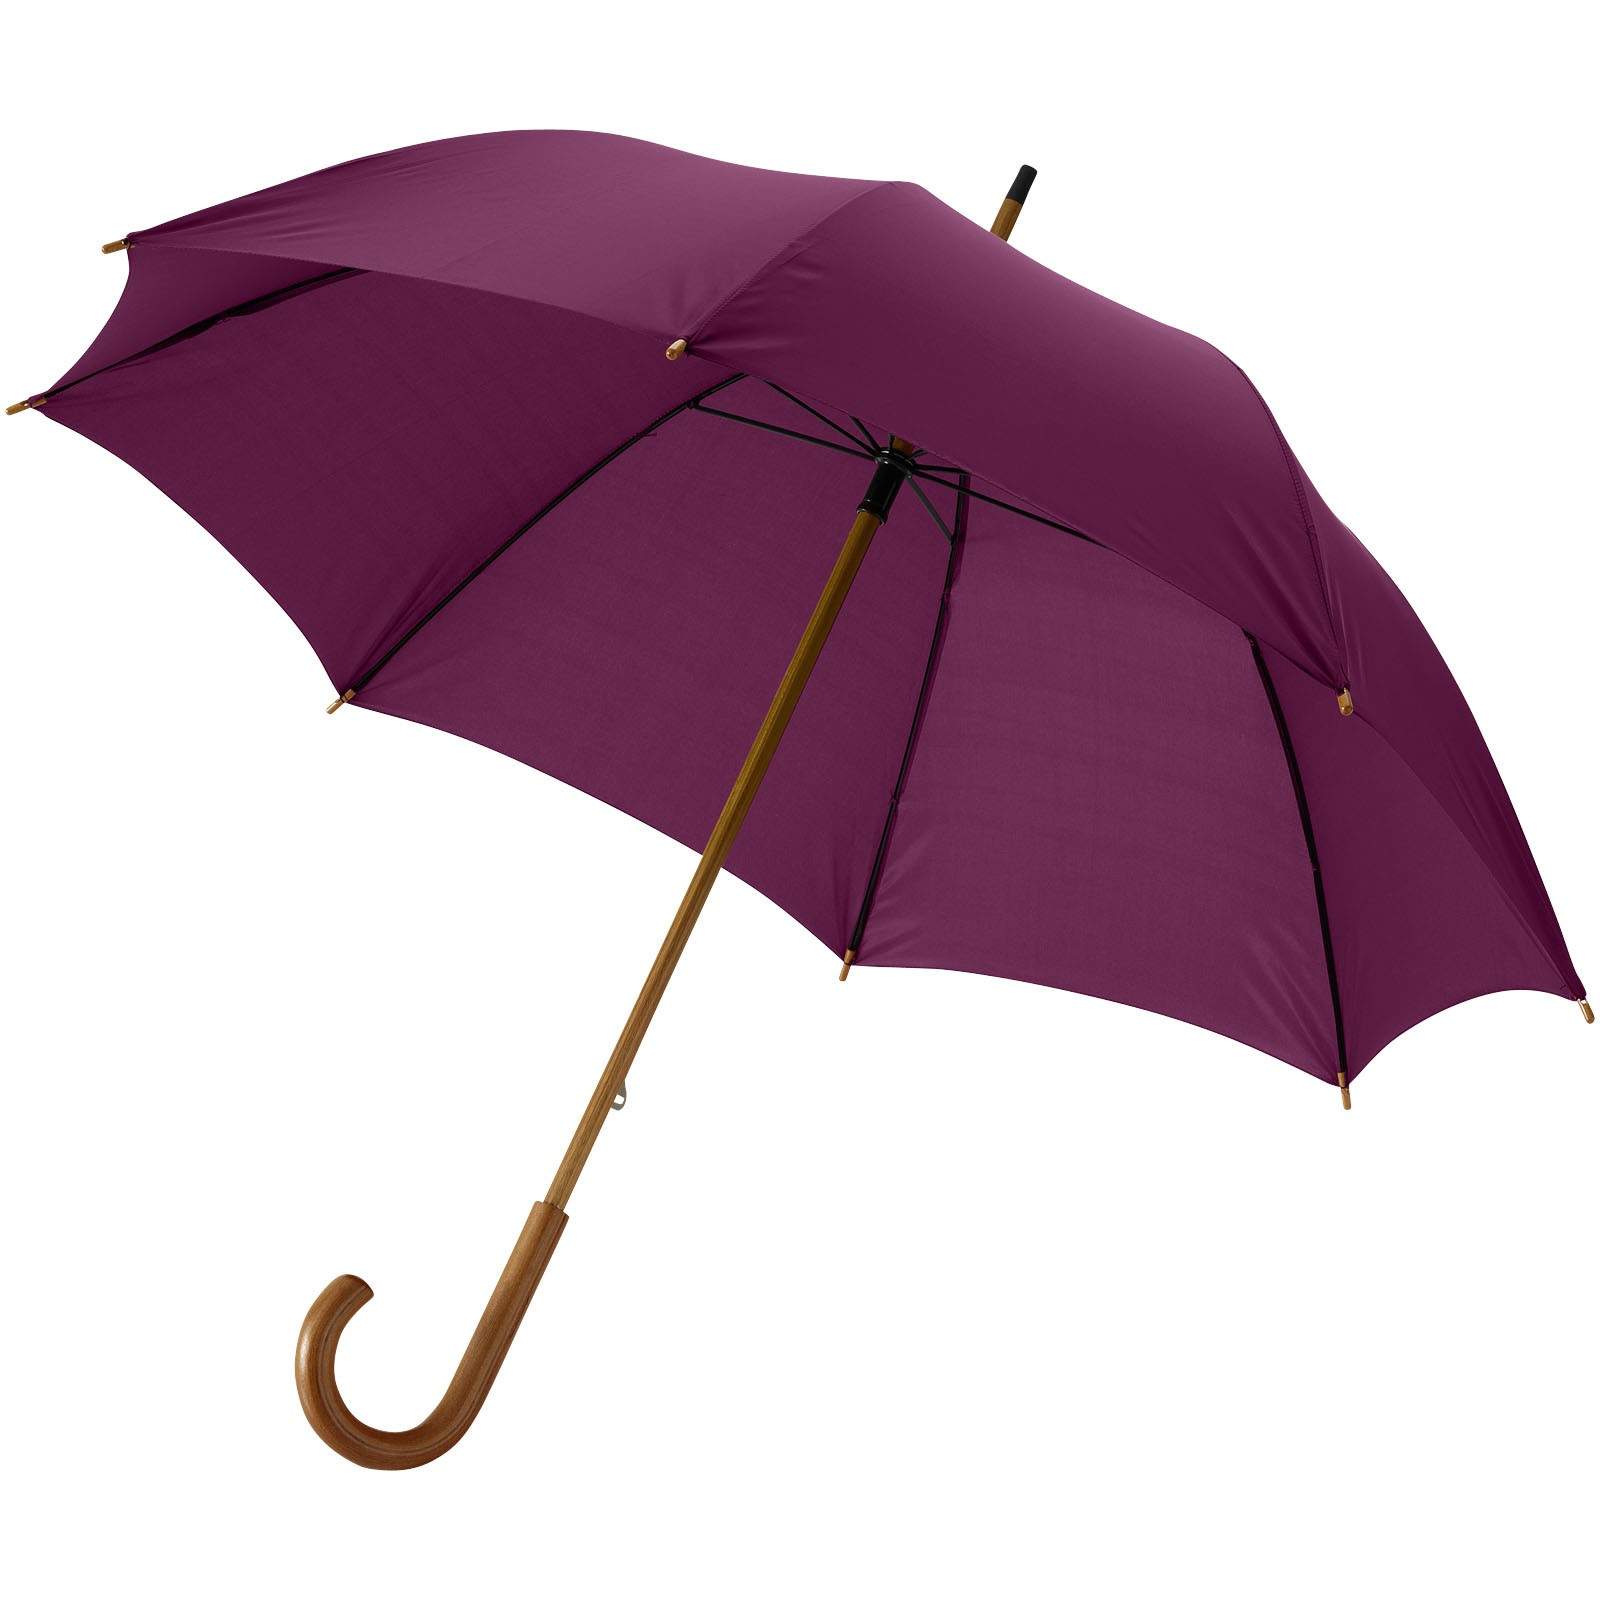 """23"""" klasický deštník Jova s dřevěnou tyčí a rukojetí - Burgundská červená"""